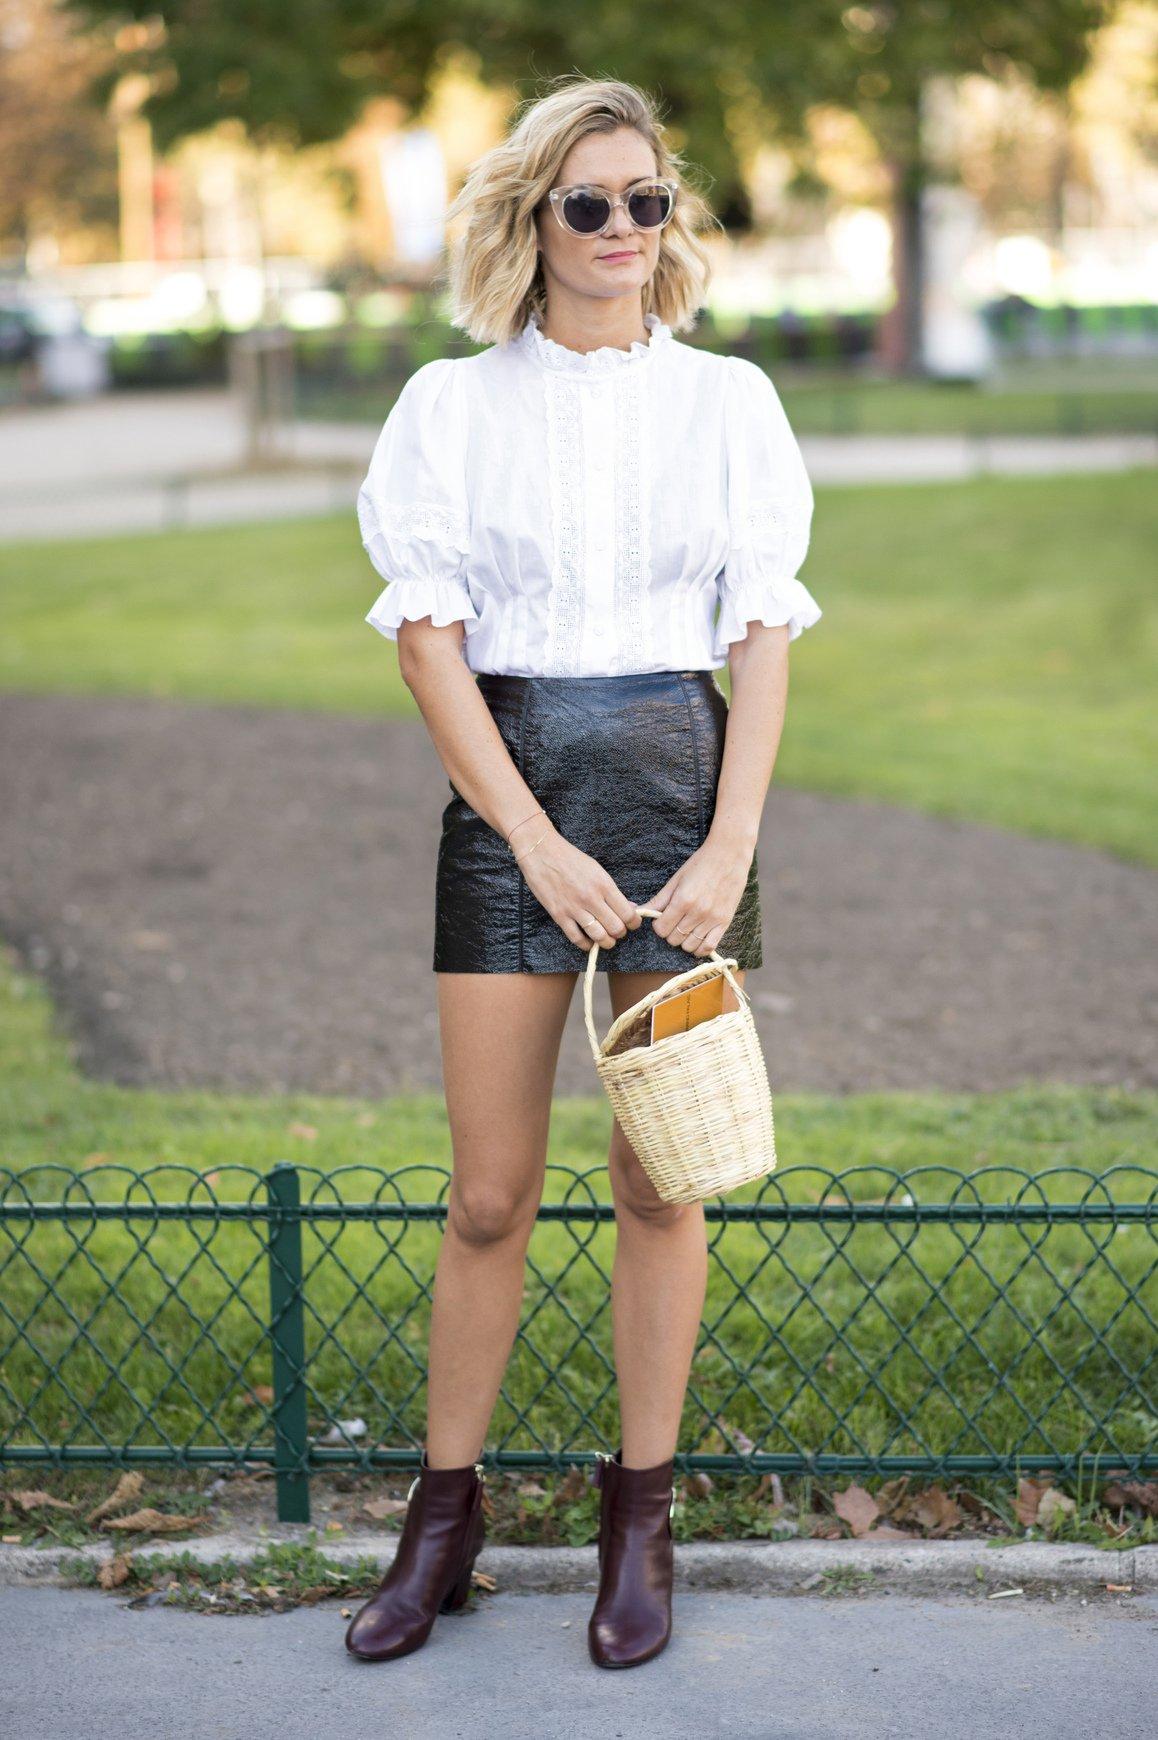 Moda uliczna: wiosenne stylizacje, które chcemy odtworzyć już teraz!